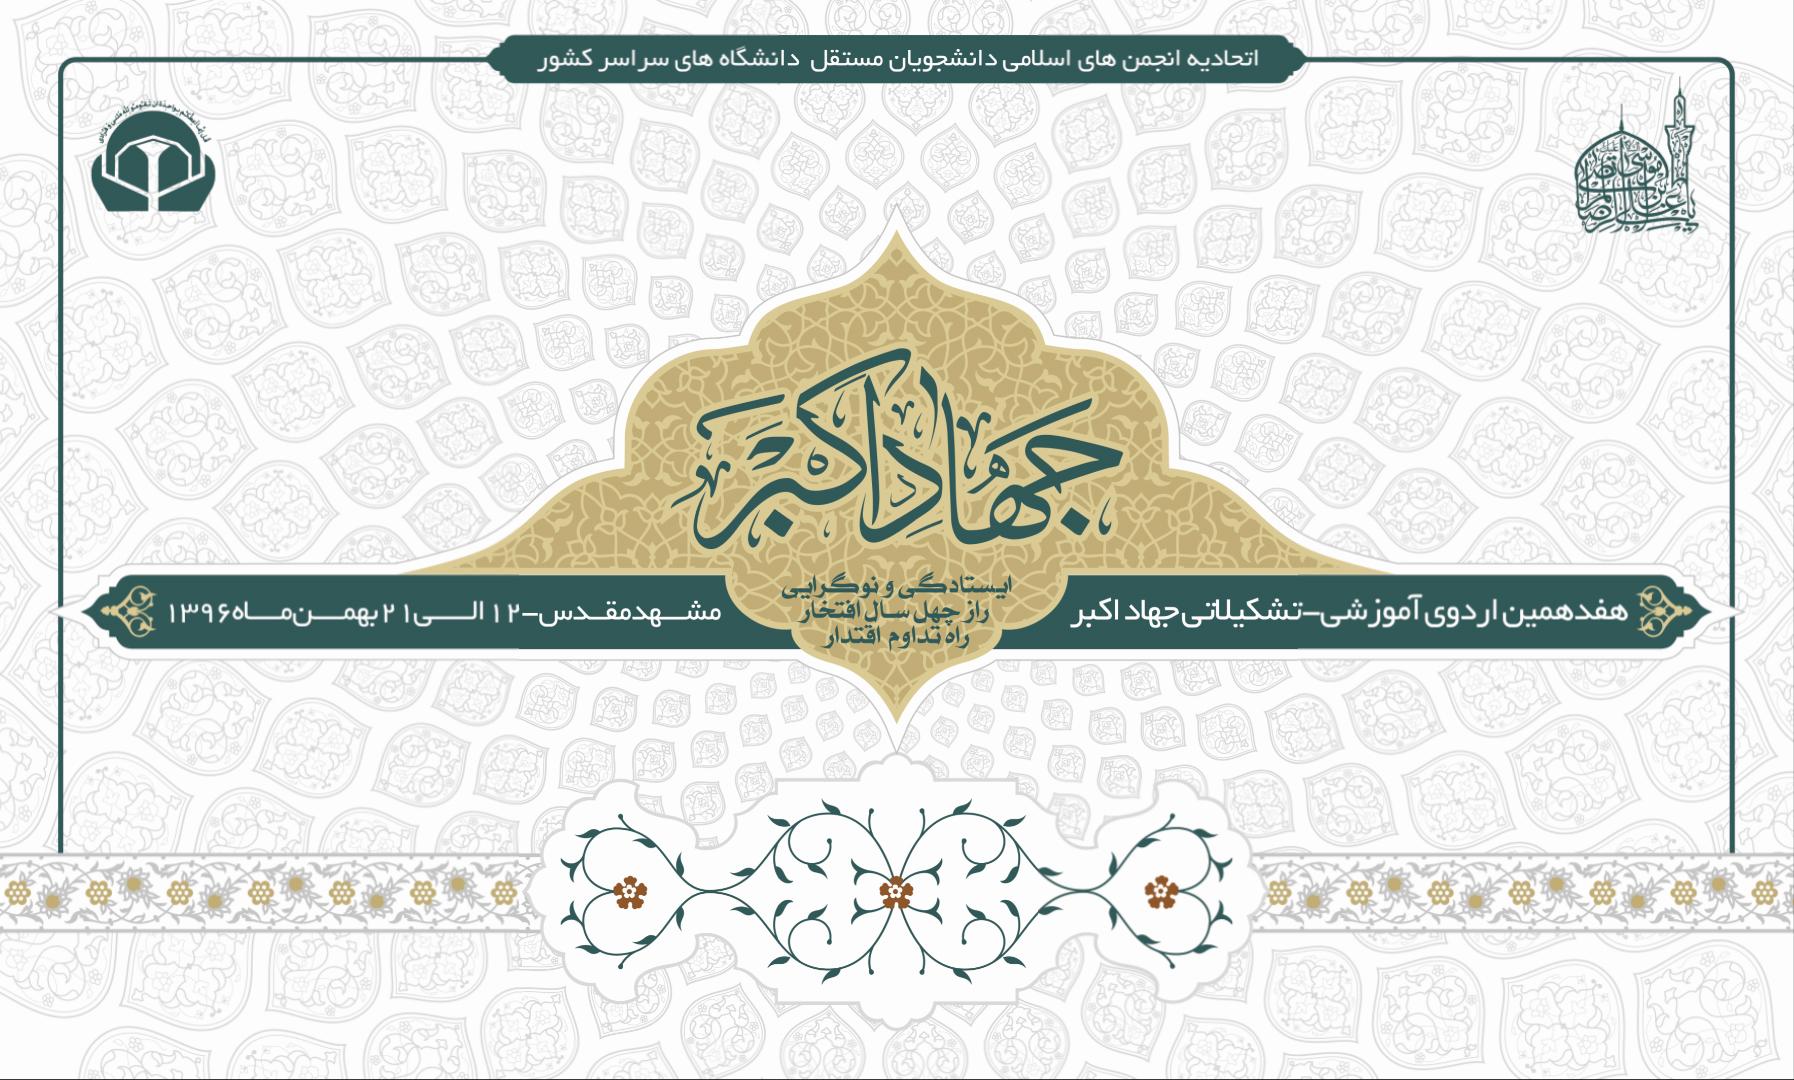 کلاس ها، کارگاه ها و همایش های اردوی آموزشی تشکیلاتی جهاد اکبر ۱۷